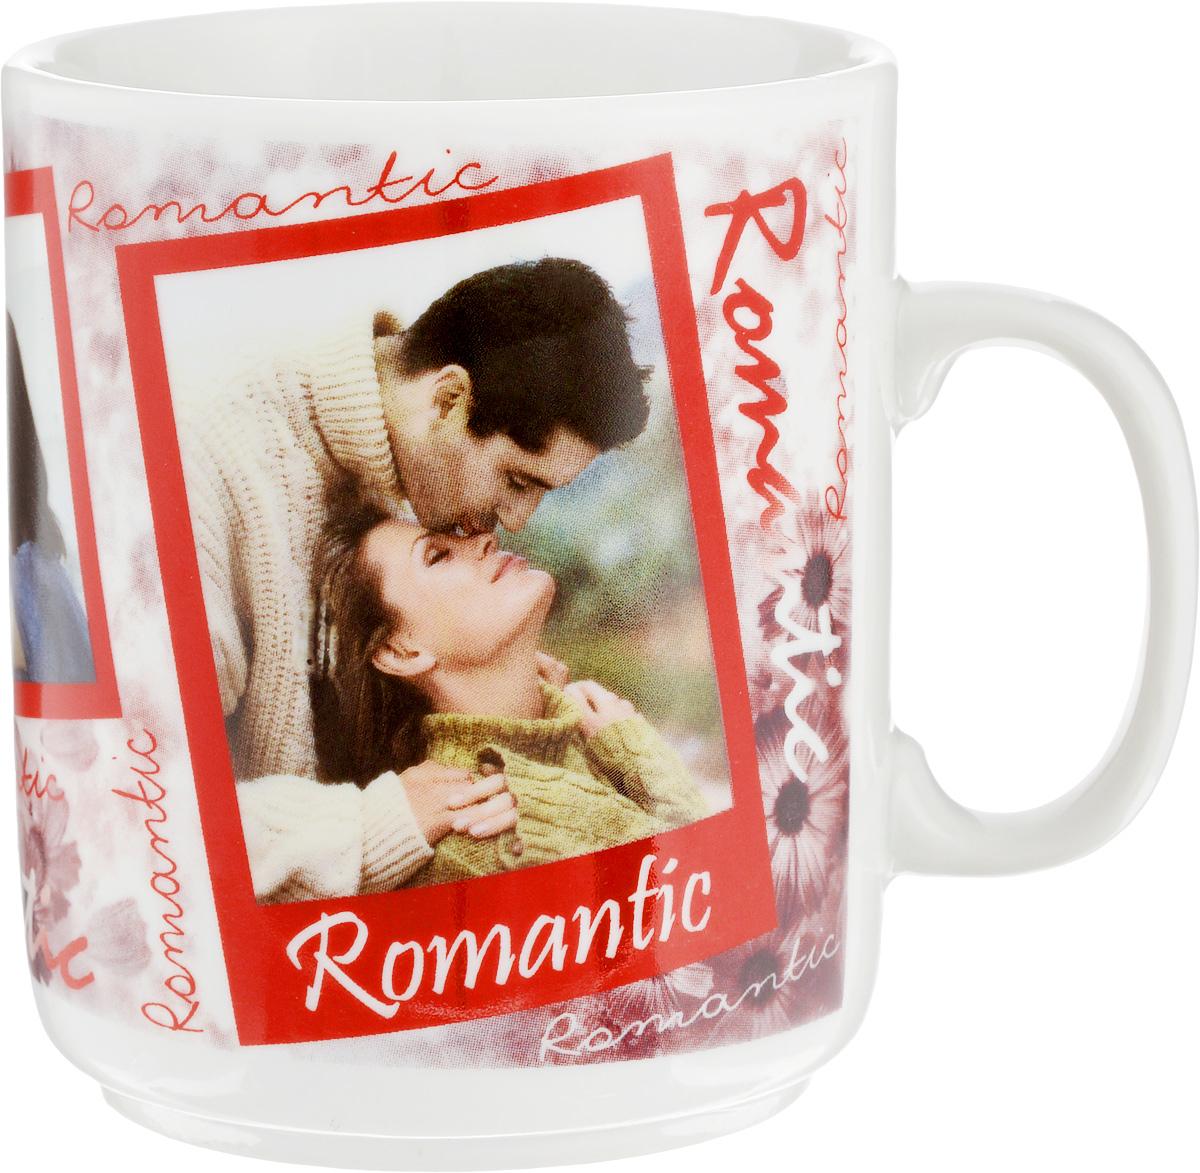 """Красивая кружка Фарфор Вербилок """"Романтика"""" способна  скрасить любое чаепитие. Изделие выполнено из  высококачественного фарфора. Посуда из такого  материала позволяет сохранить истинный вкус напитка, а  также помогает ему дольше оставаться теплым. Диаметр по верхнему краю: 7,5 см."""